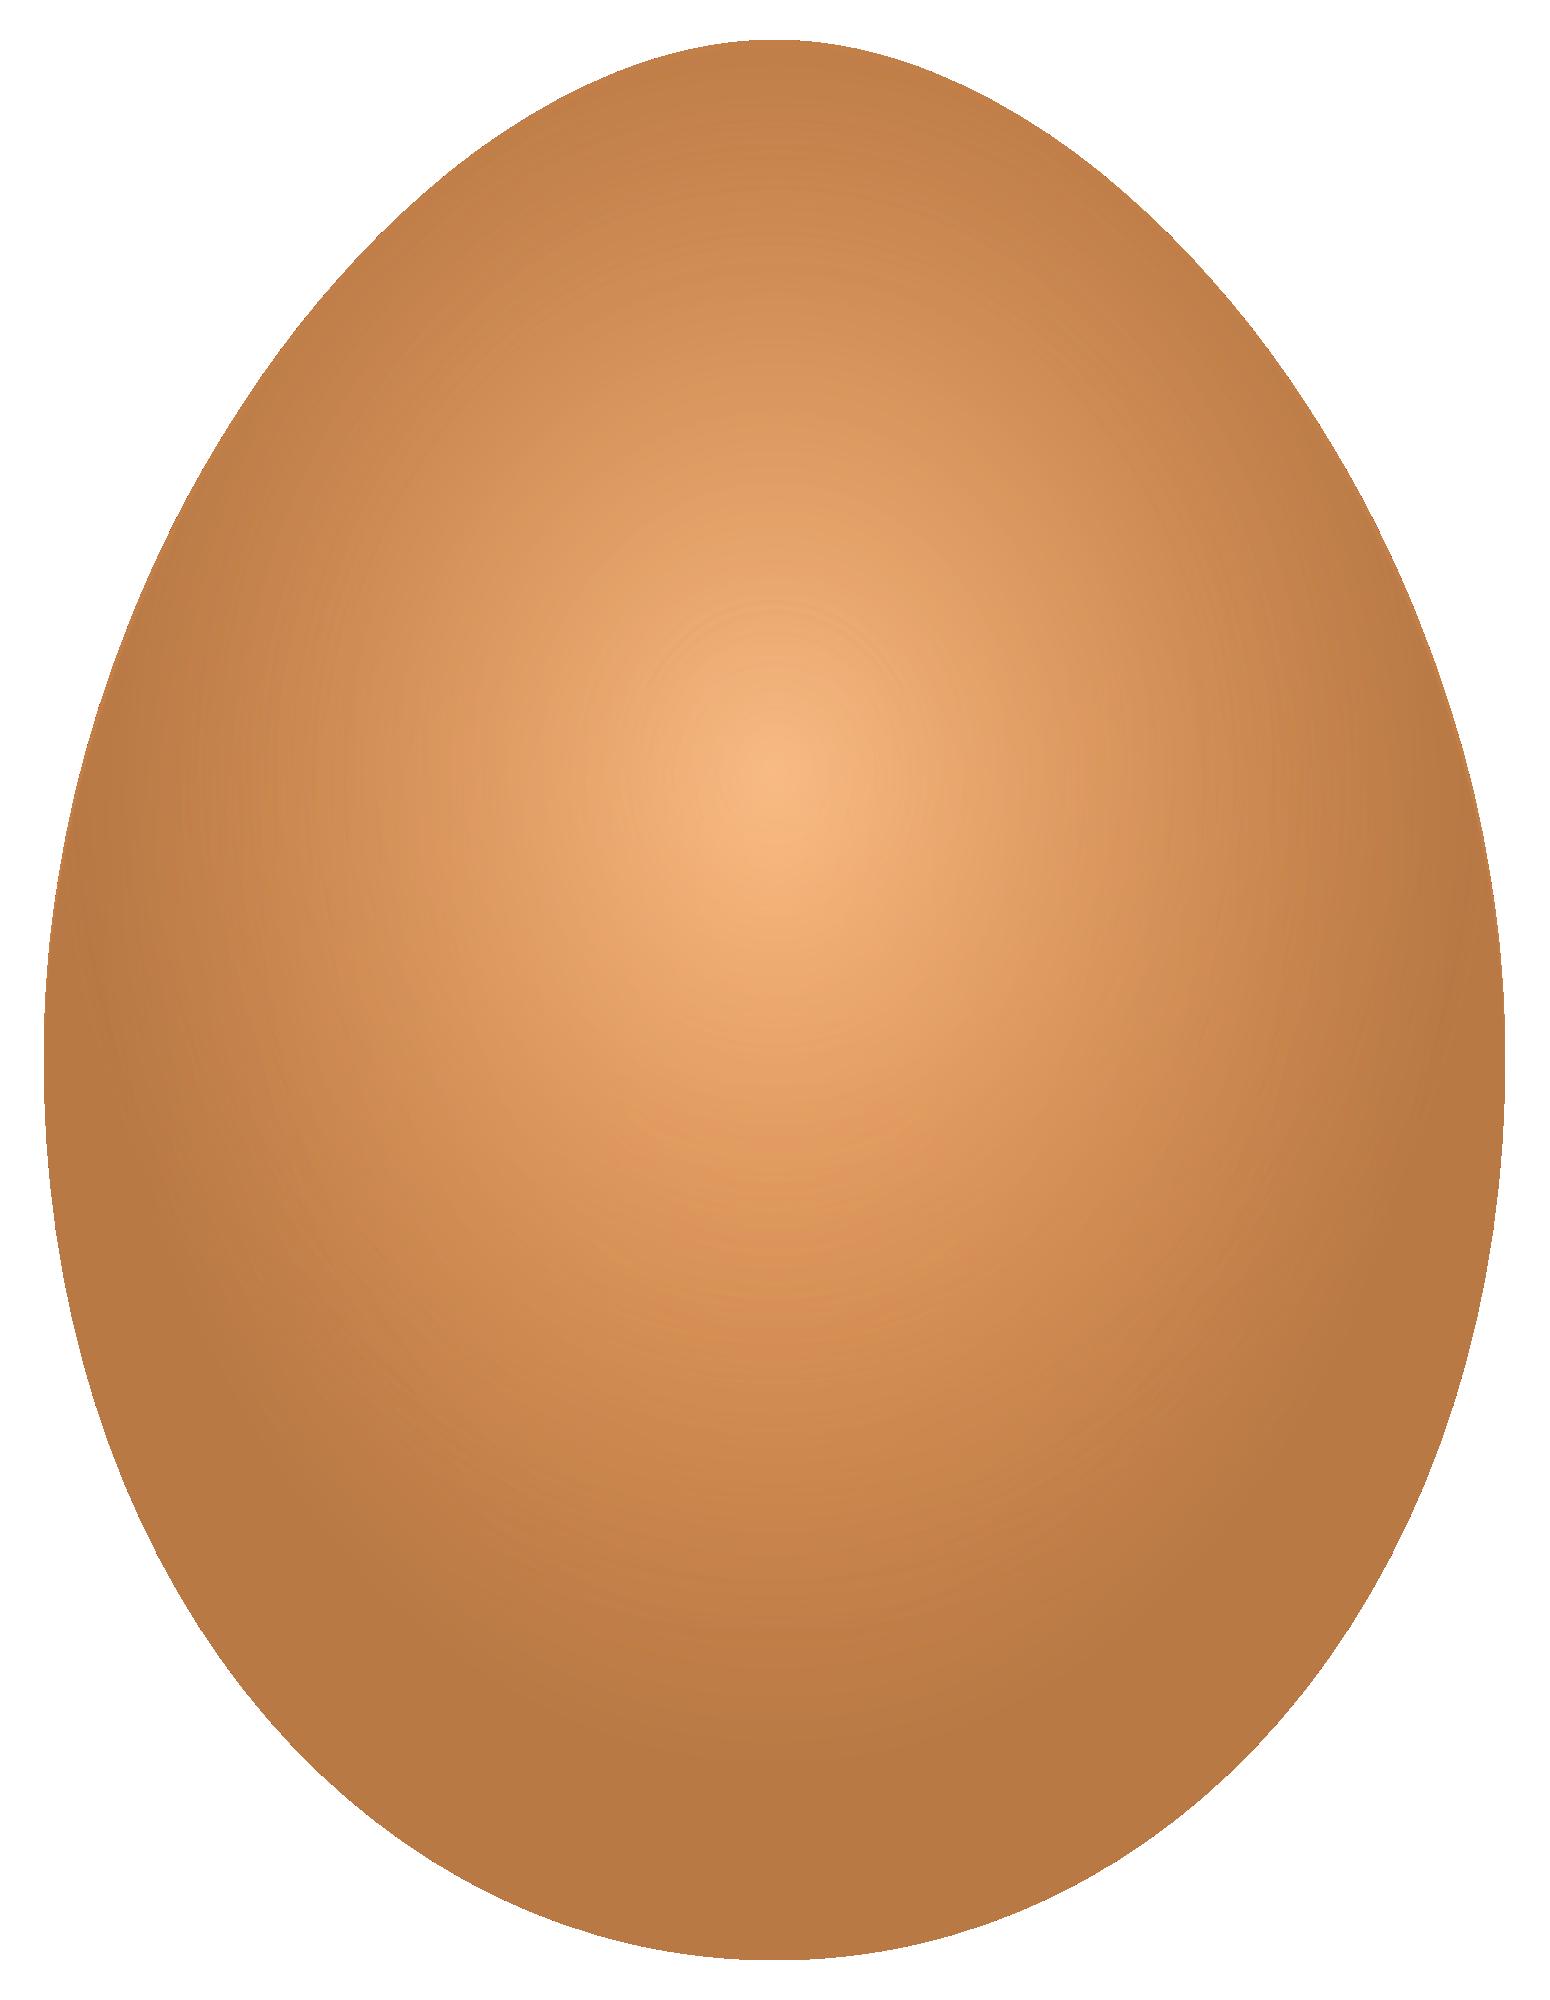 Egg PNG Vector Transparent Image - Egg PNG